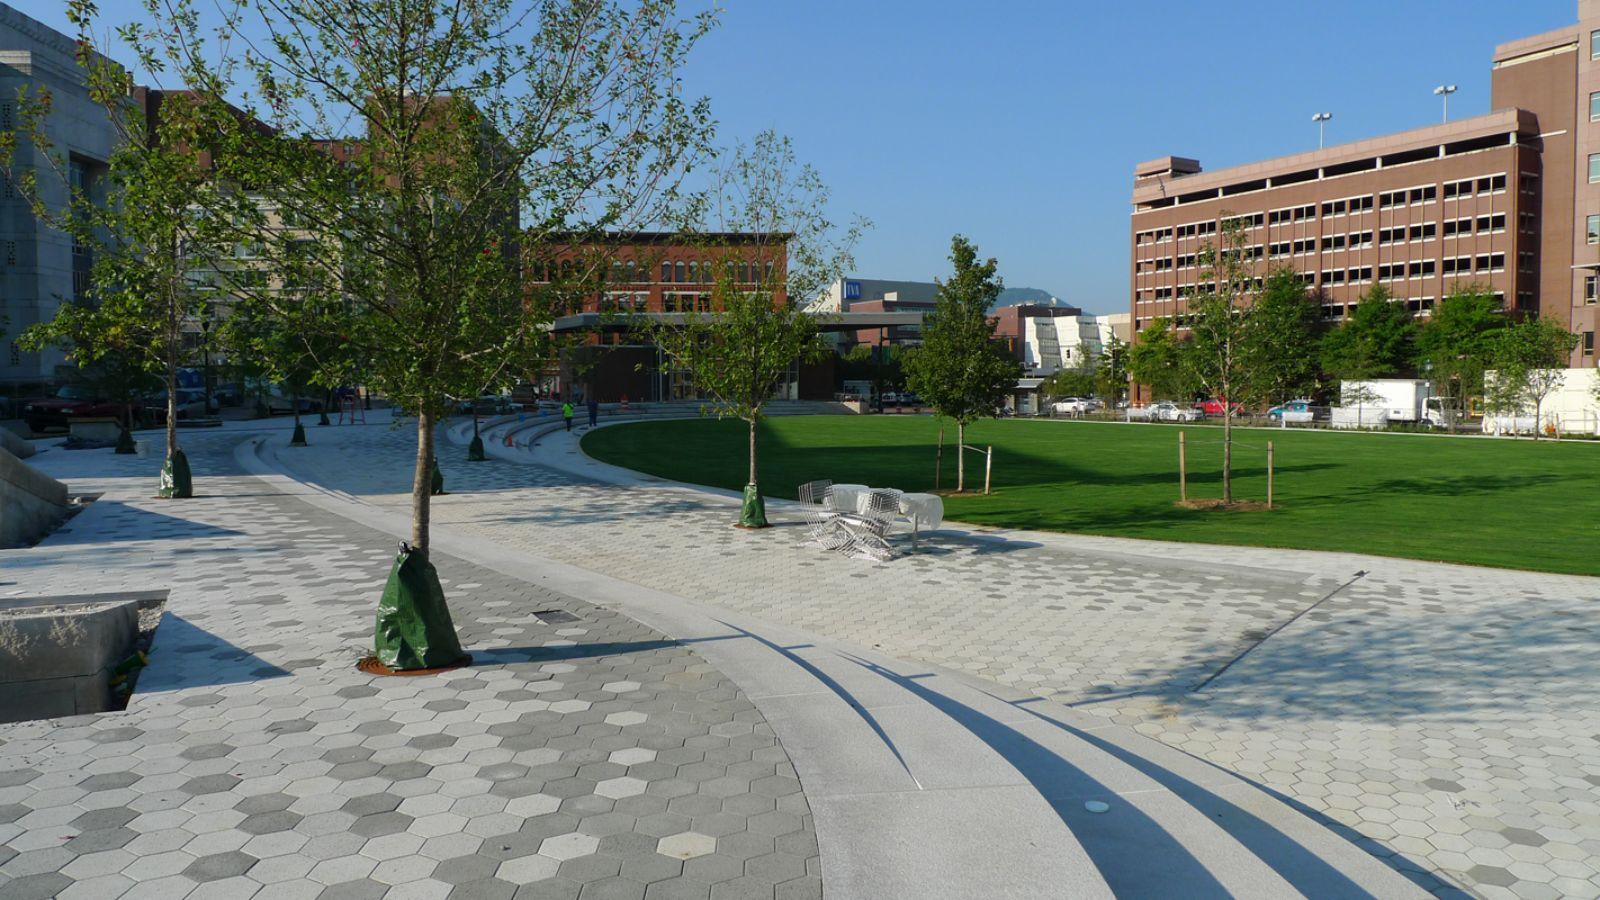 Miller Park